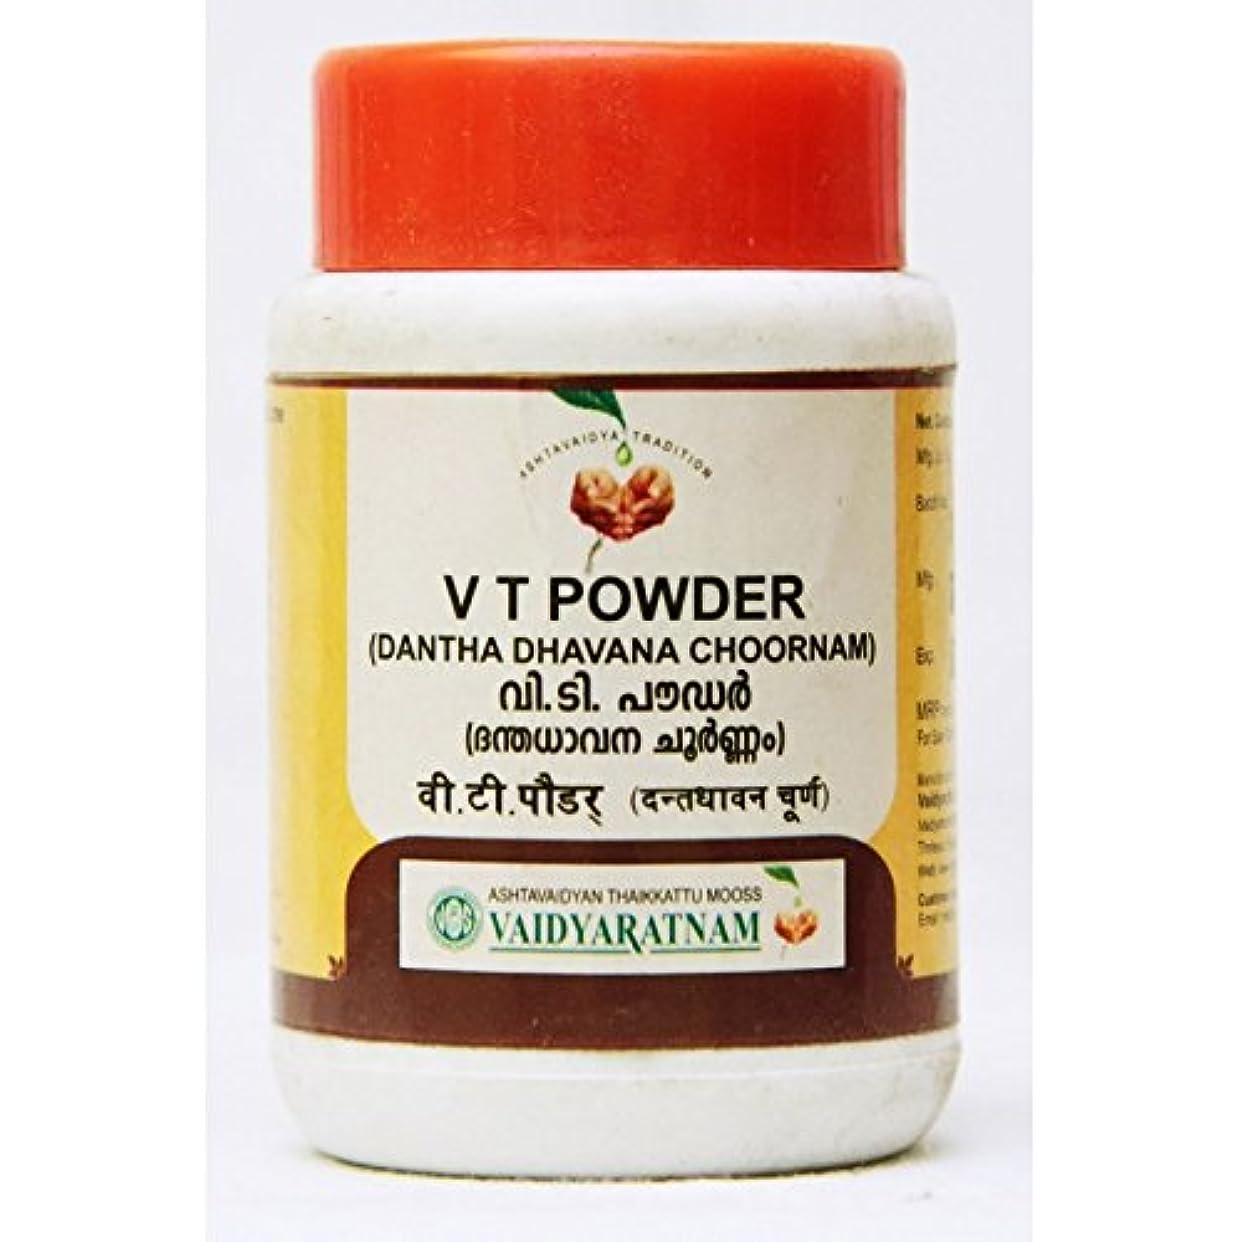 信じられないパンダのためにAyurvedic Vaidyaratnam Tooth Powder ( V T Powder )